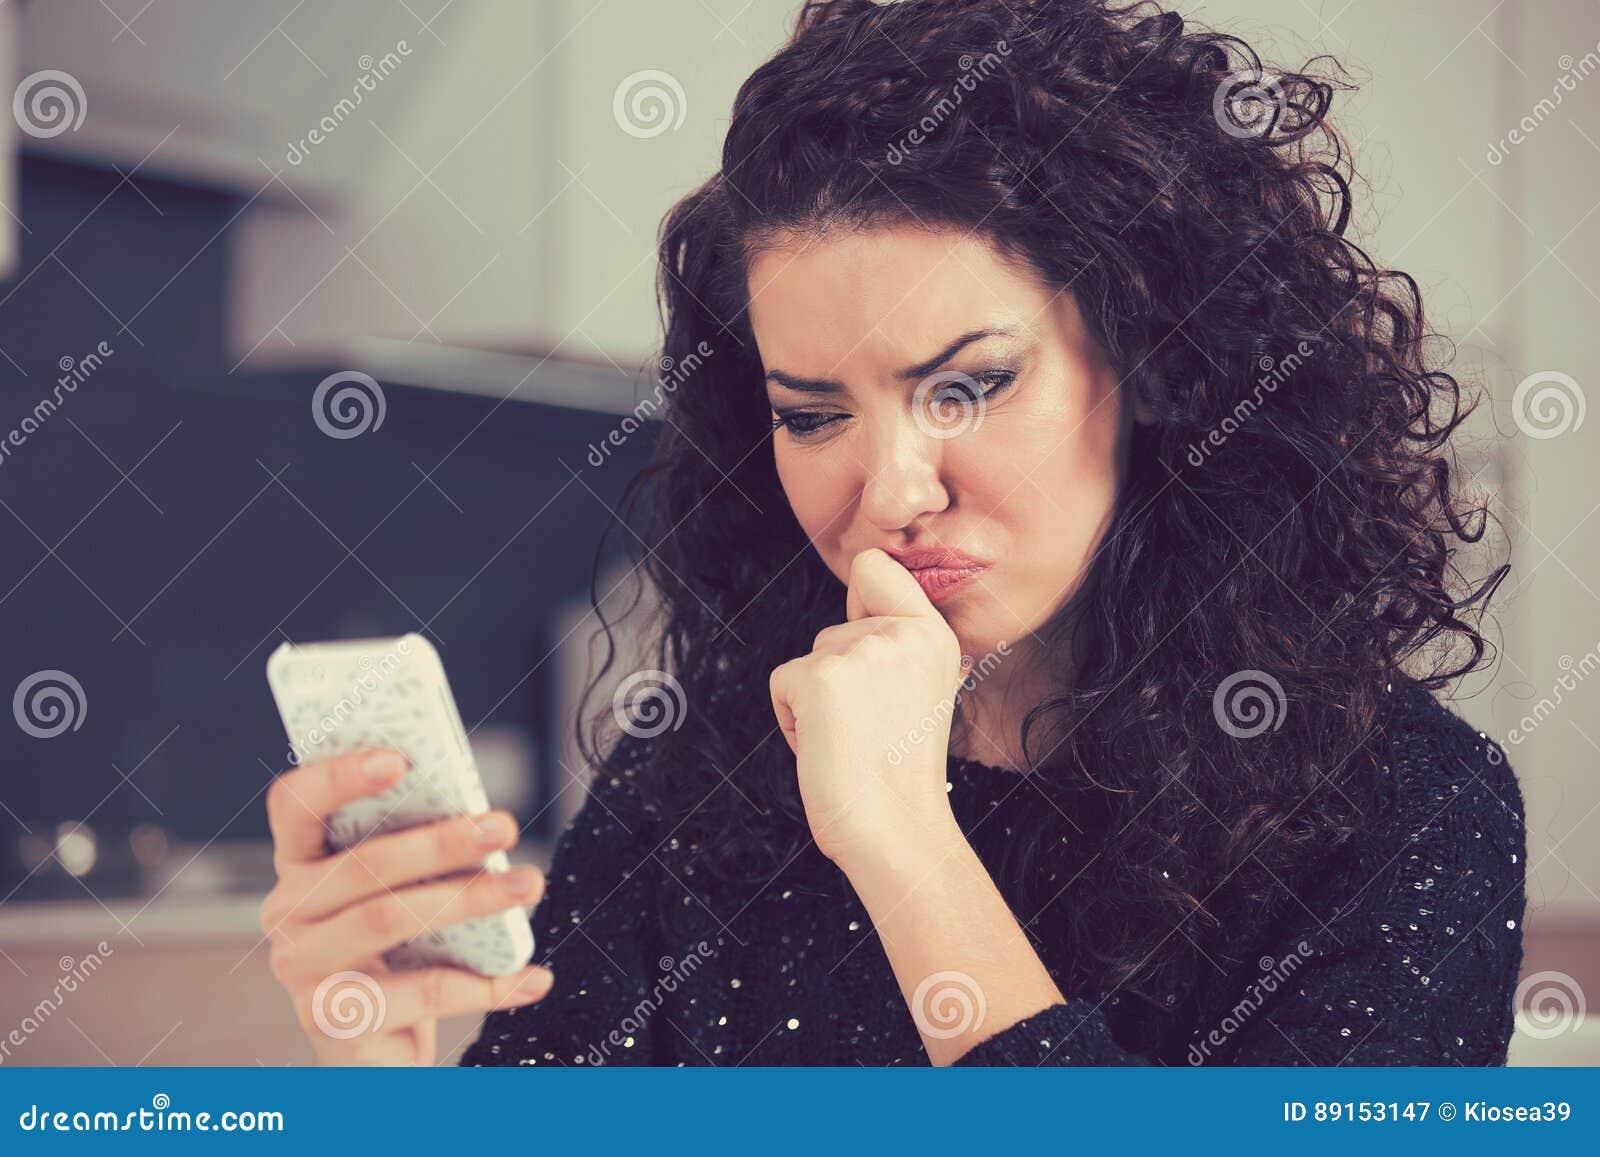 Ανατρέψτε την ταραγμένη νέα γυναίκα που εξετάζει το κινητό μήνυμα κειμένου τηλεφωνικής ανάγνωσης